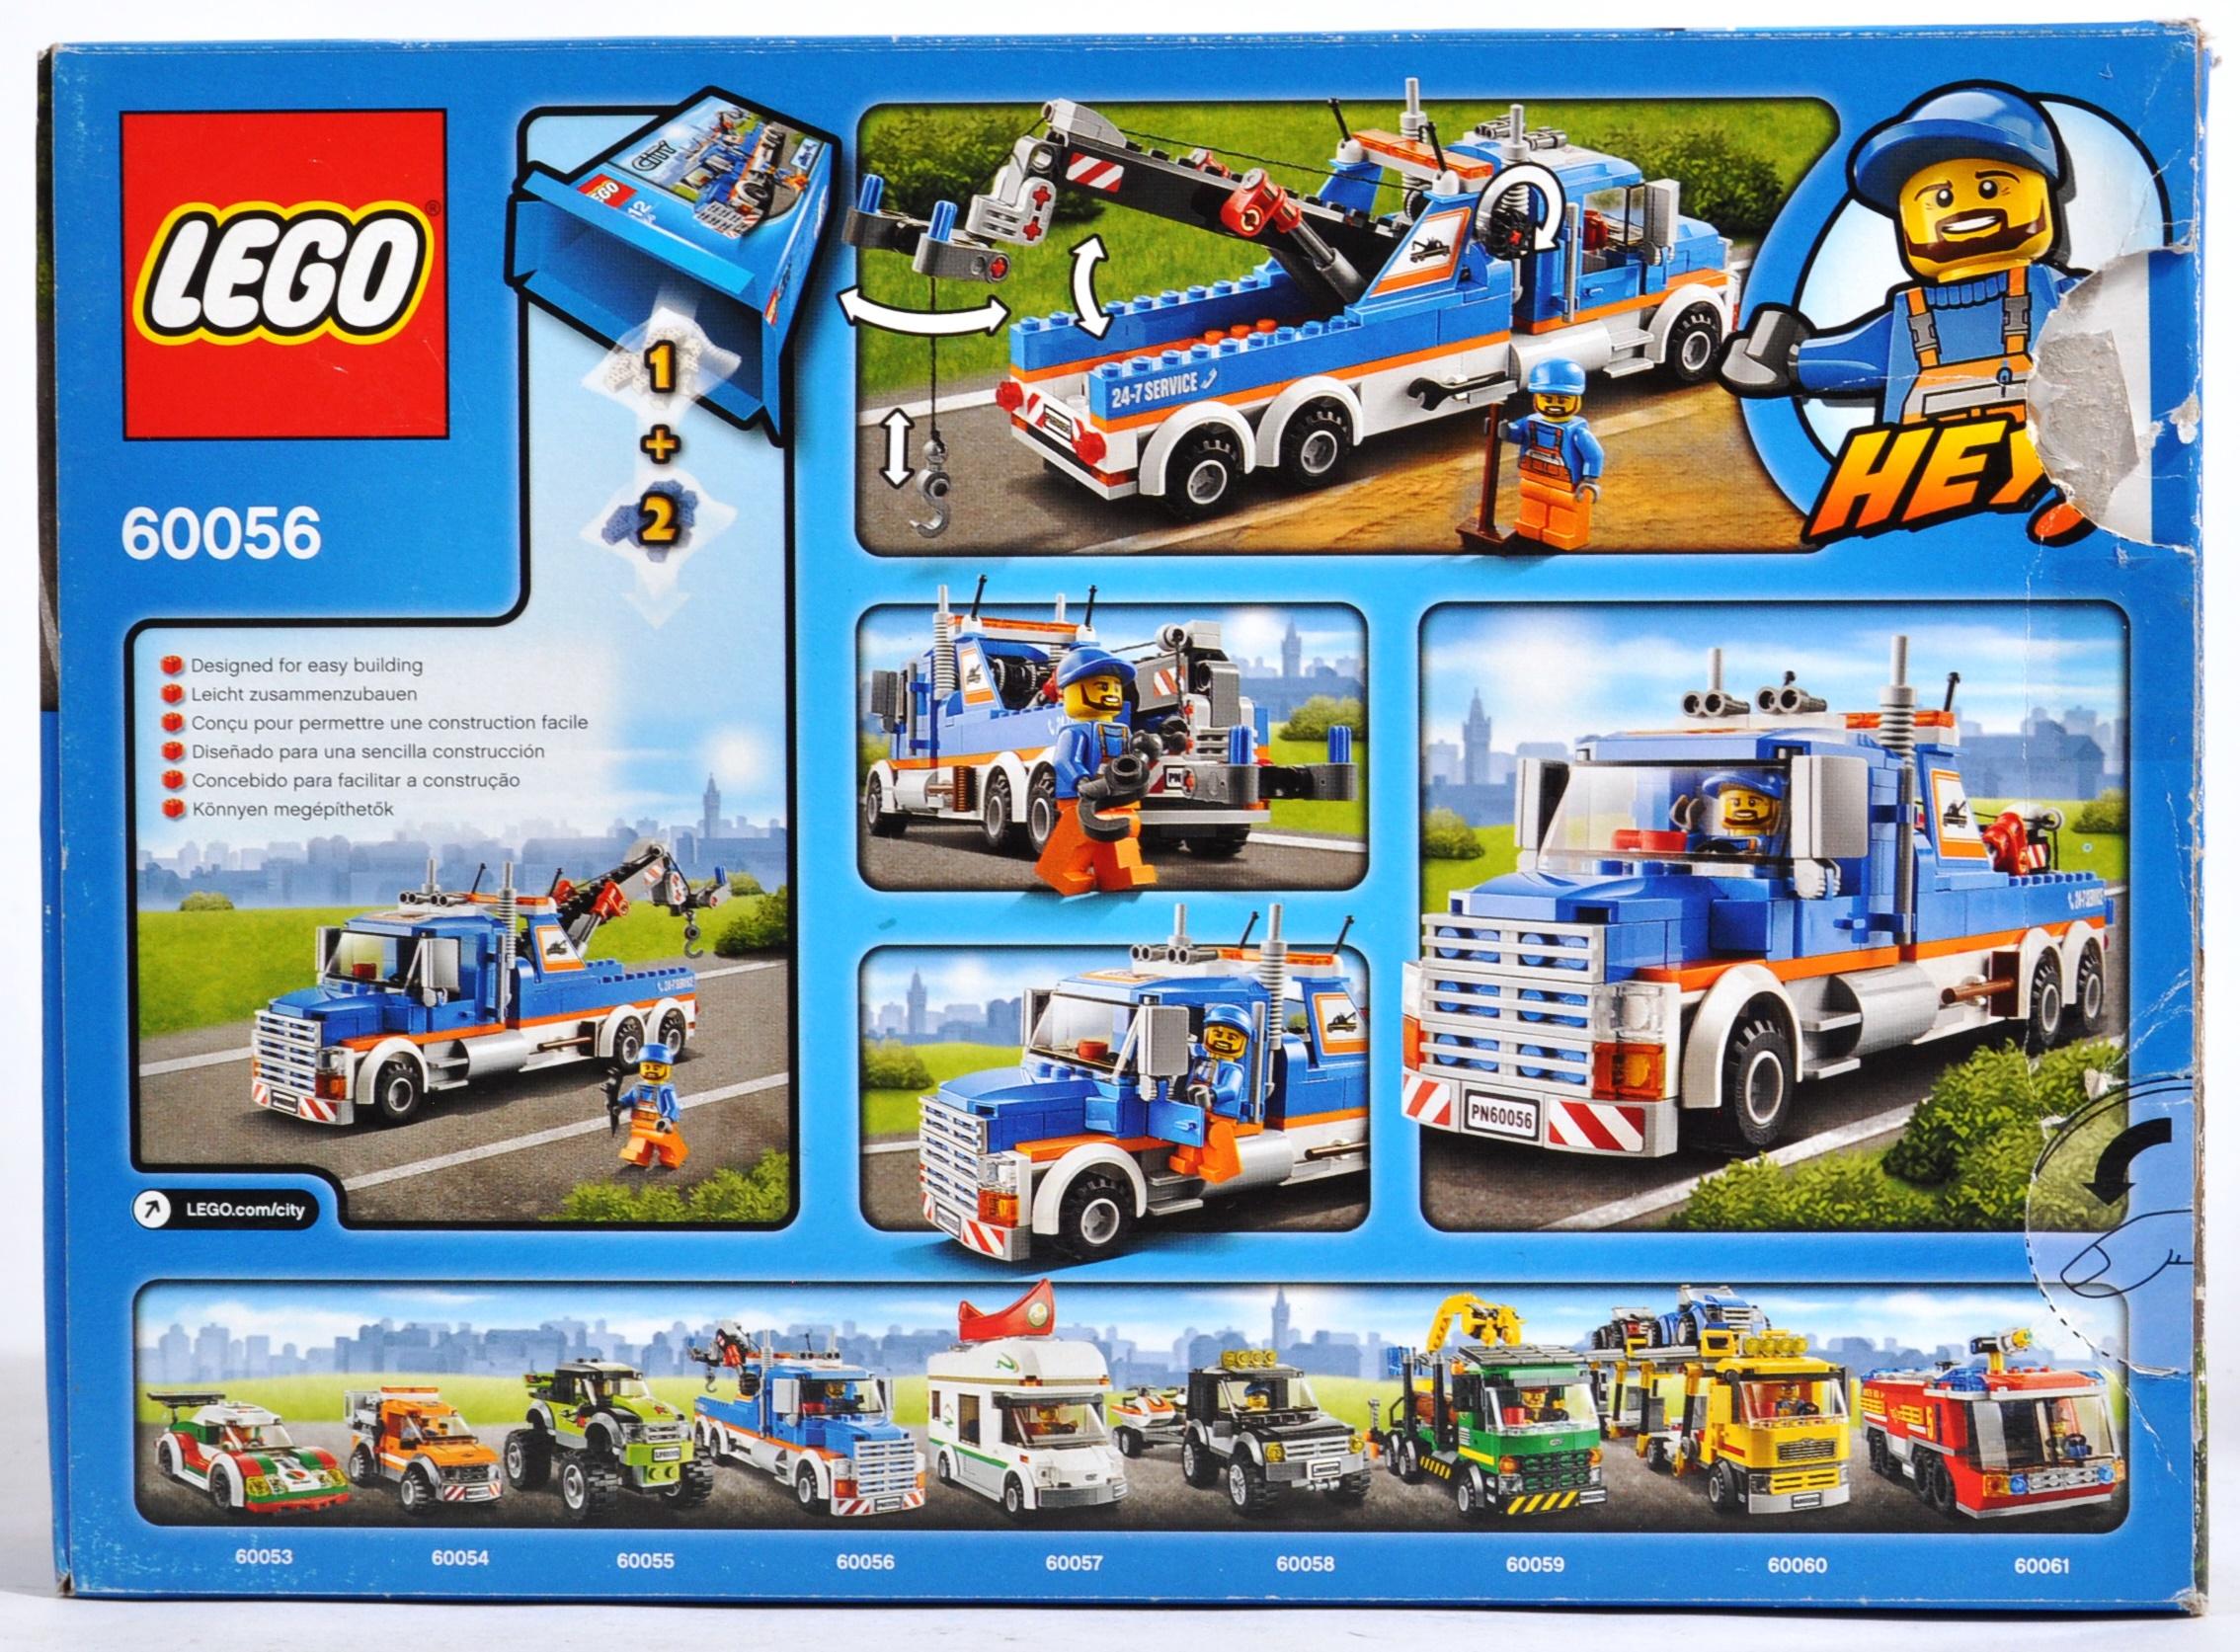 LEGO SETS - LEGO CITY - 60023 / 60056 / 60223 - Image 11 of 11